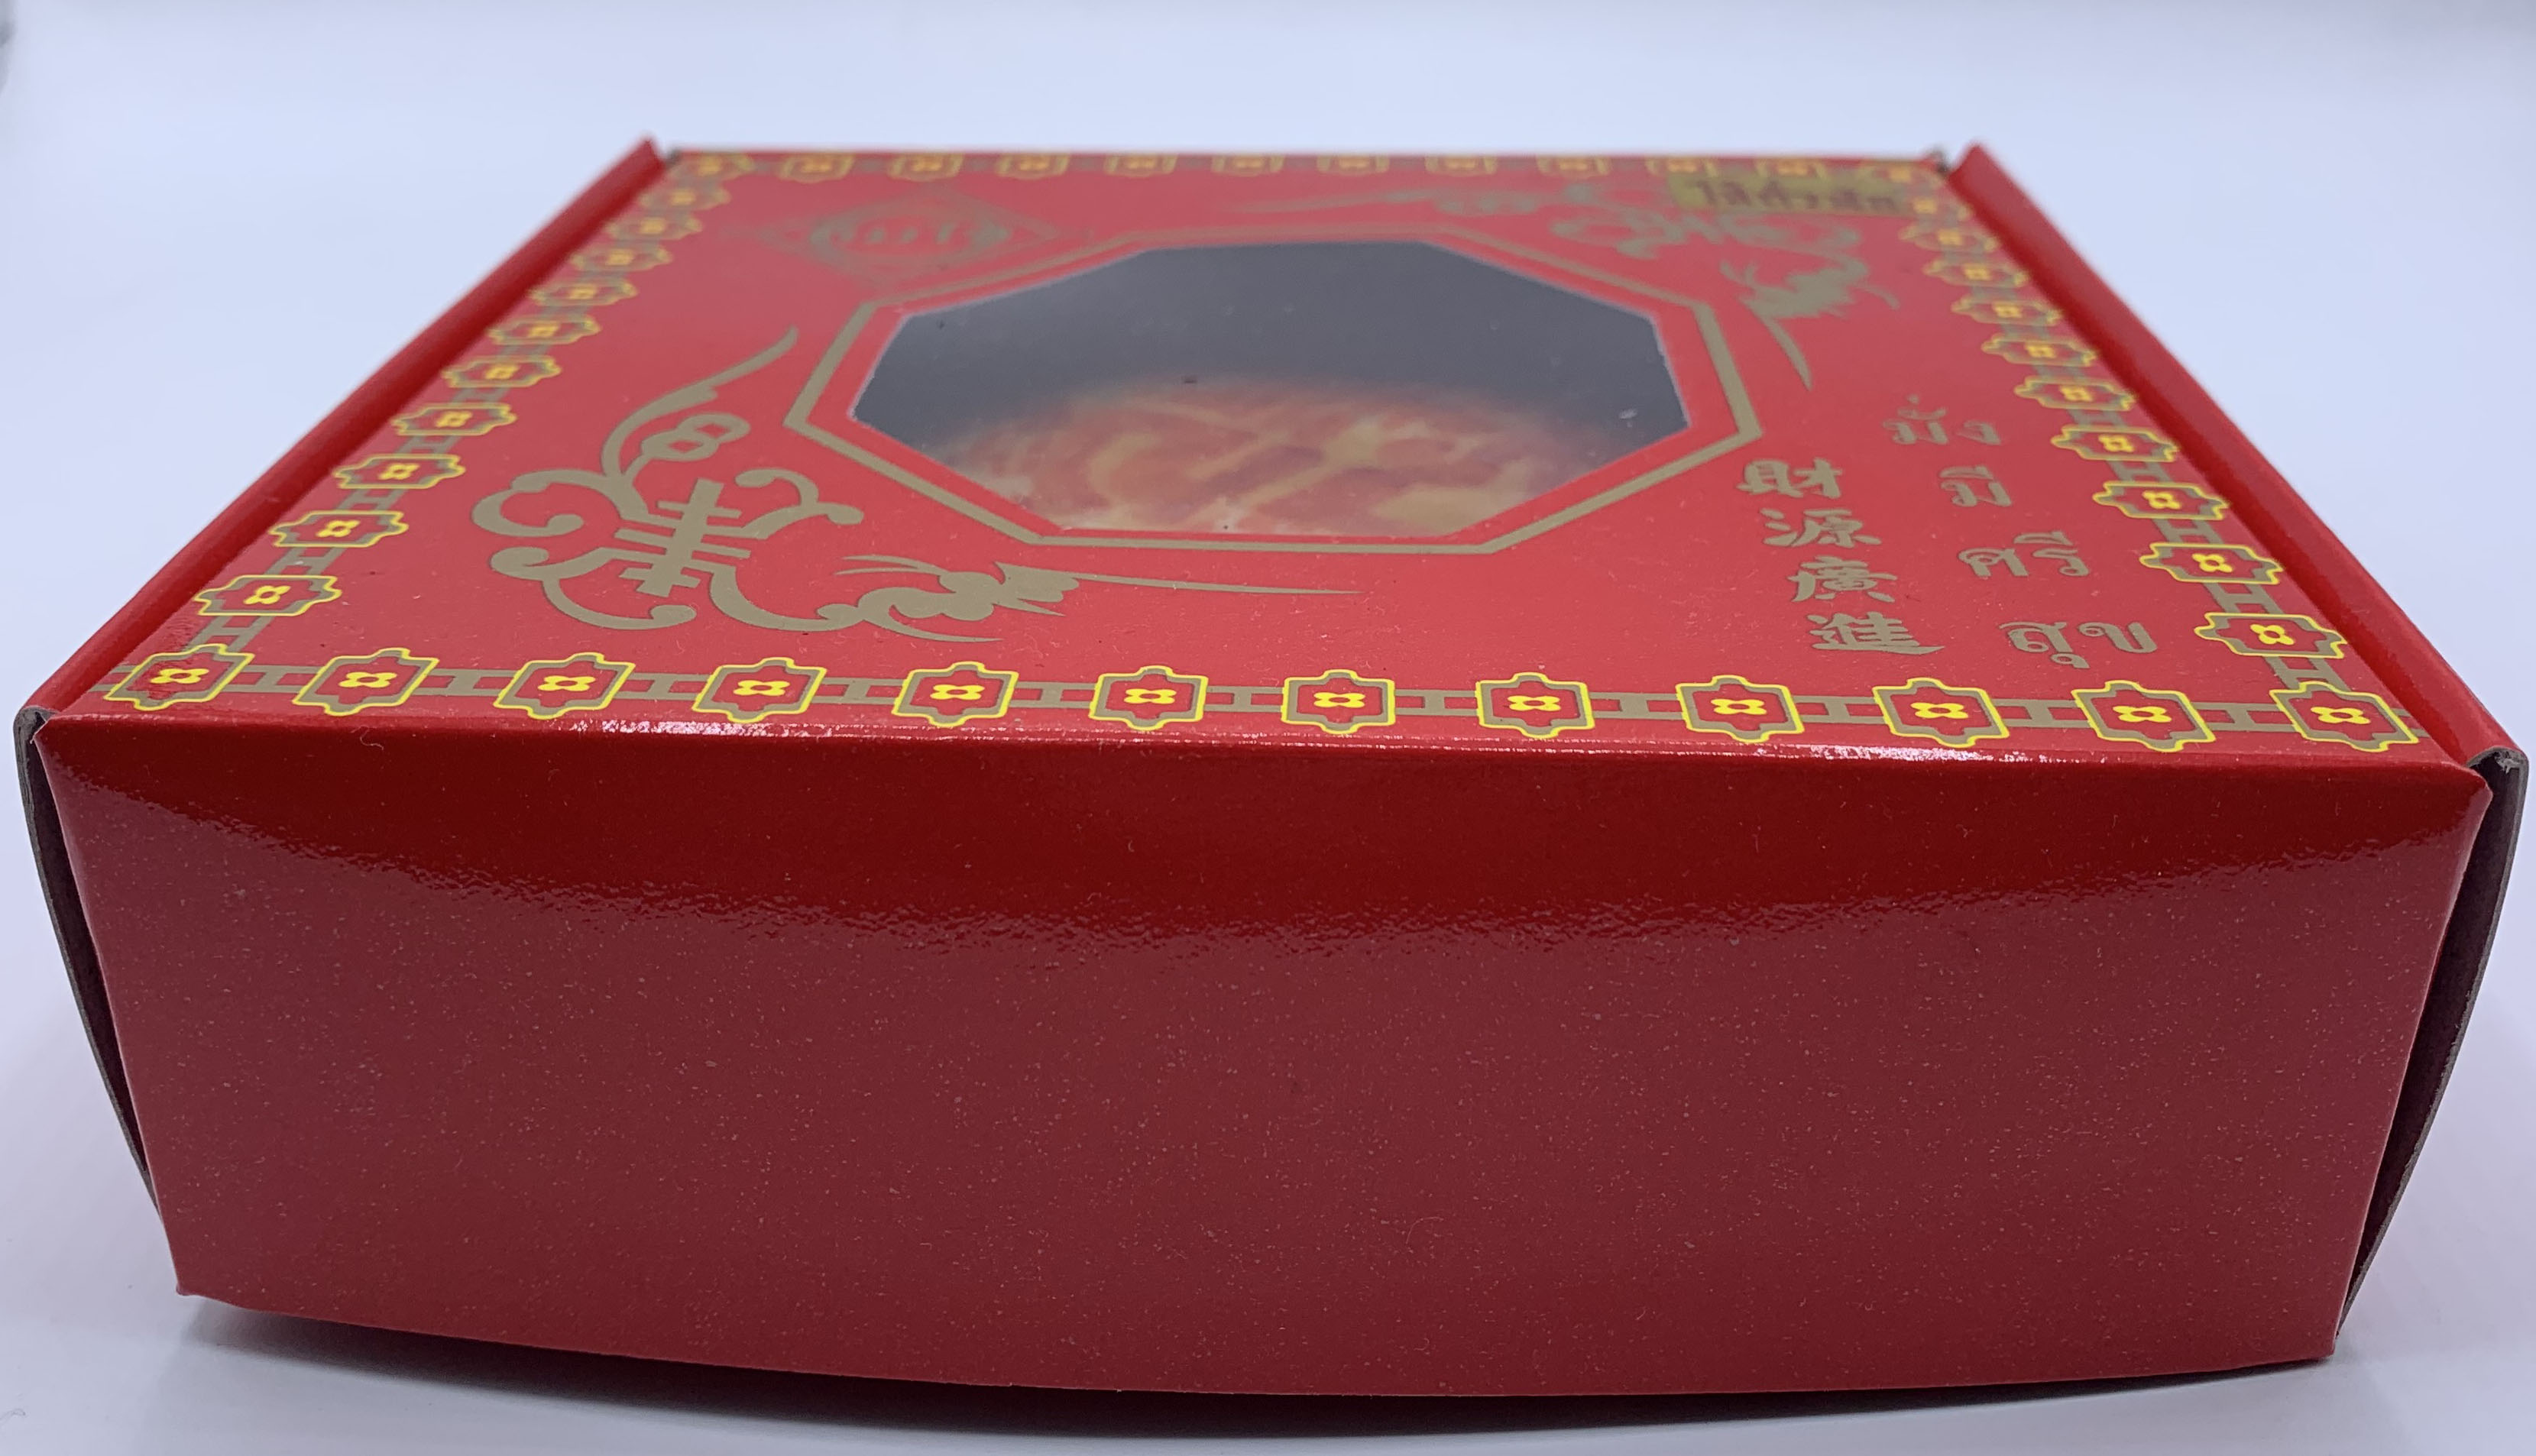 รูปแบบเปี๊ยะกล่องแดงสามารถนำมาแจกแขกพร้อมการ์ดเชิญมางานแต่งงานได้ค่ะ